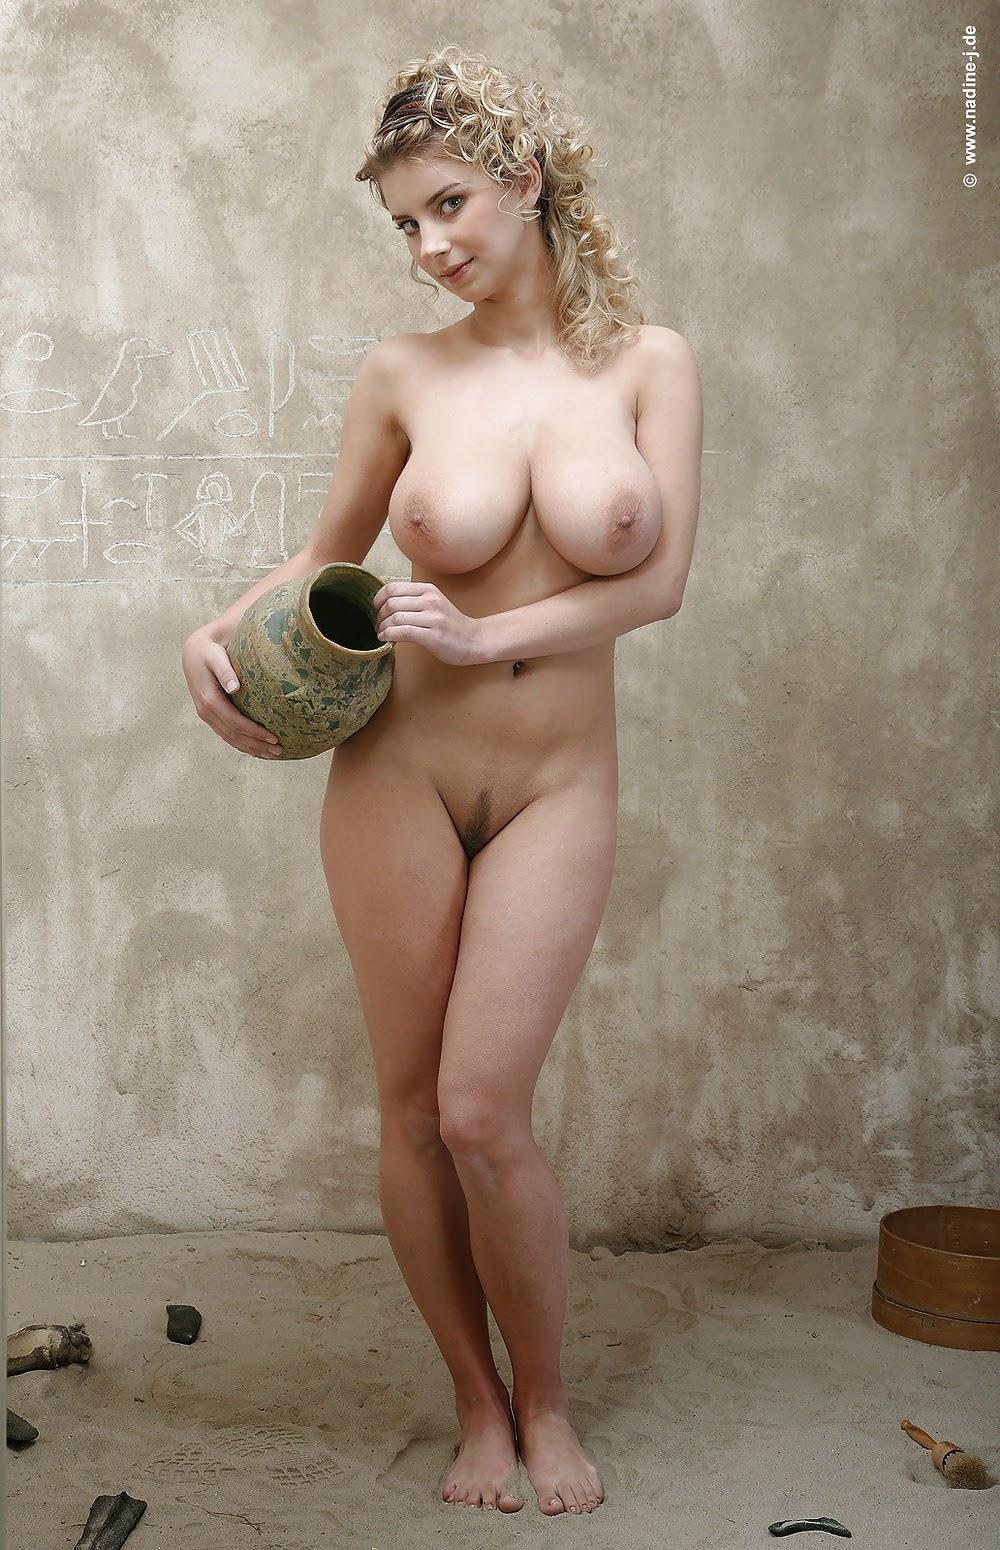 Шикарные женщины эрофото 2 фотография